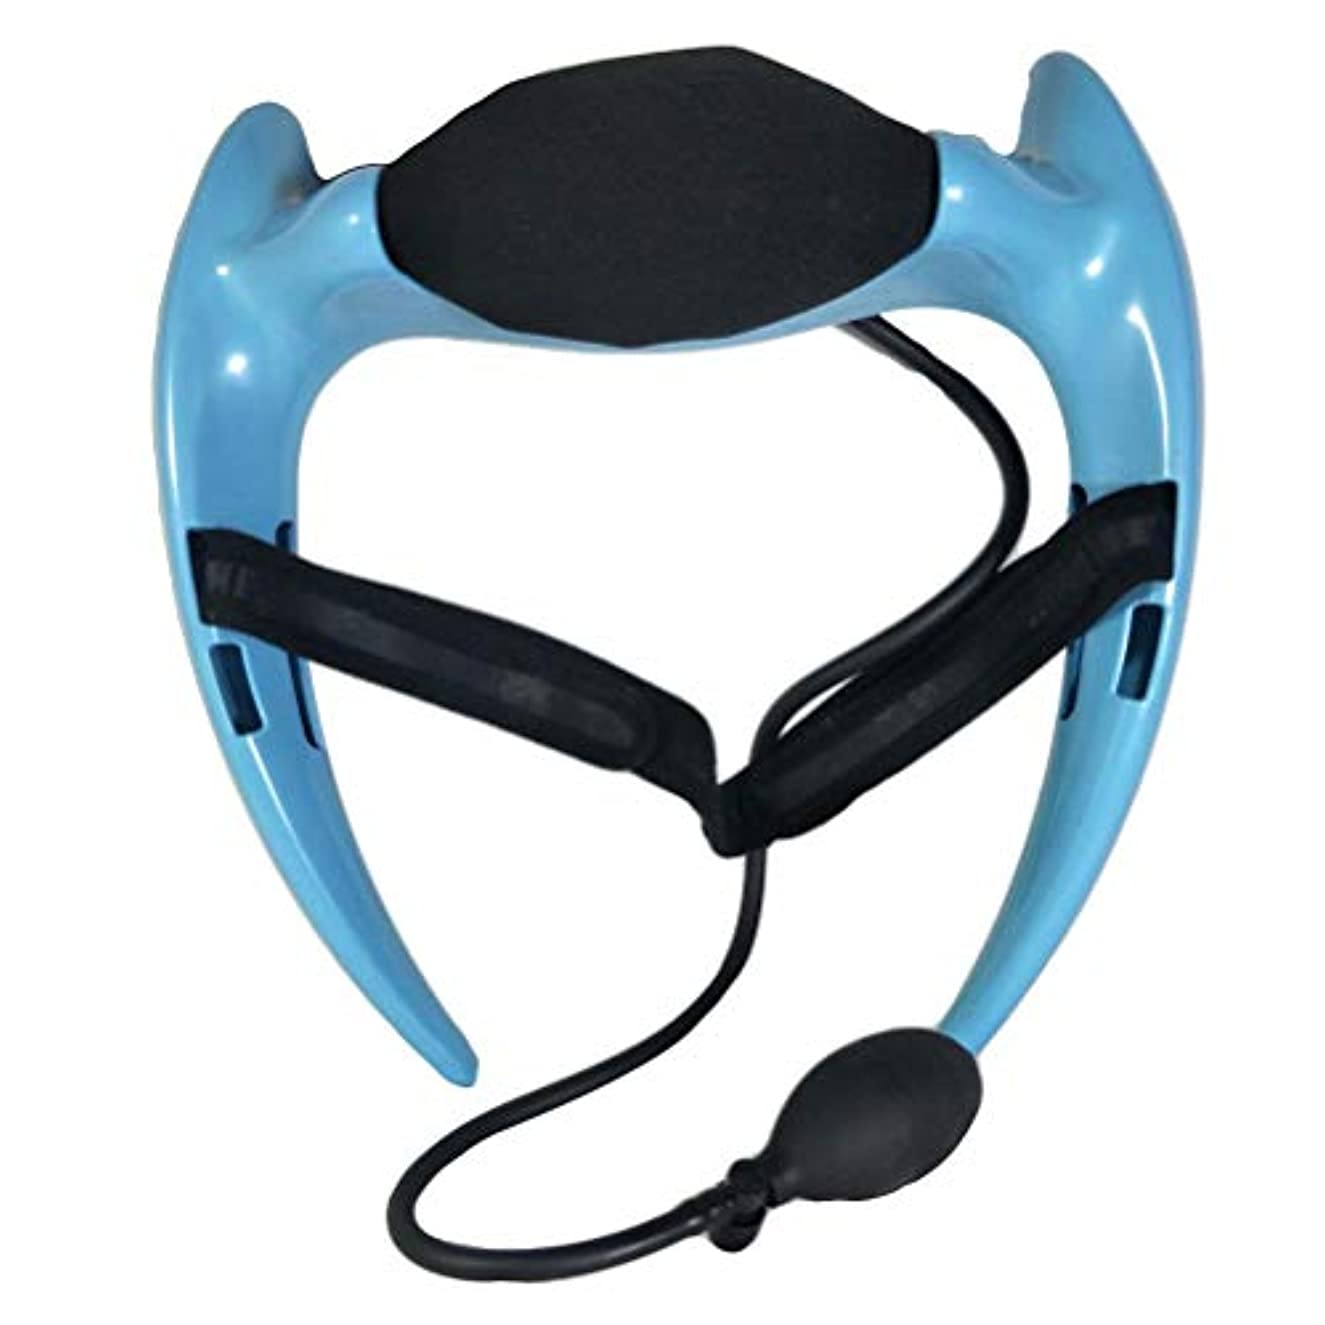 展示会味付け泥だらけHEALLILY 傷害のための膨脹可能な首の牽引装置首サポート牽引